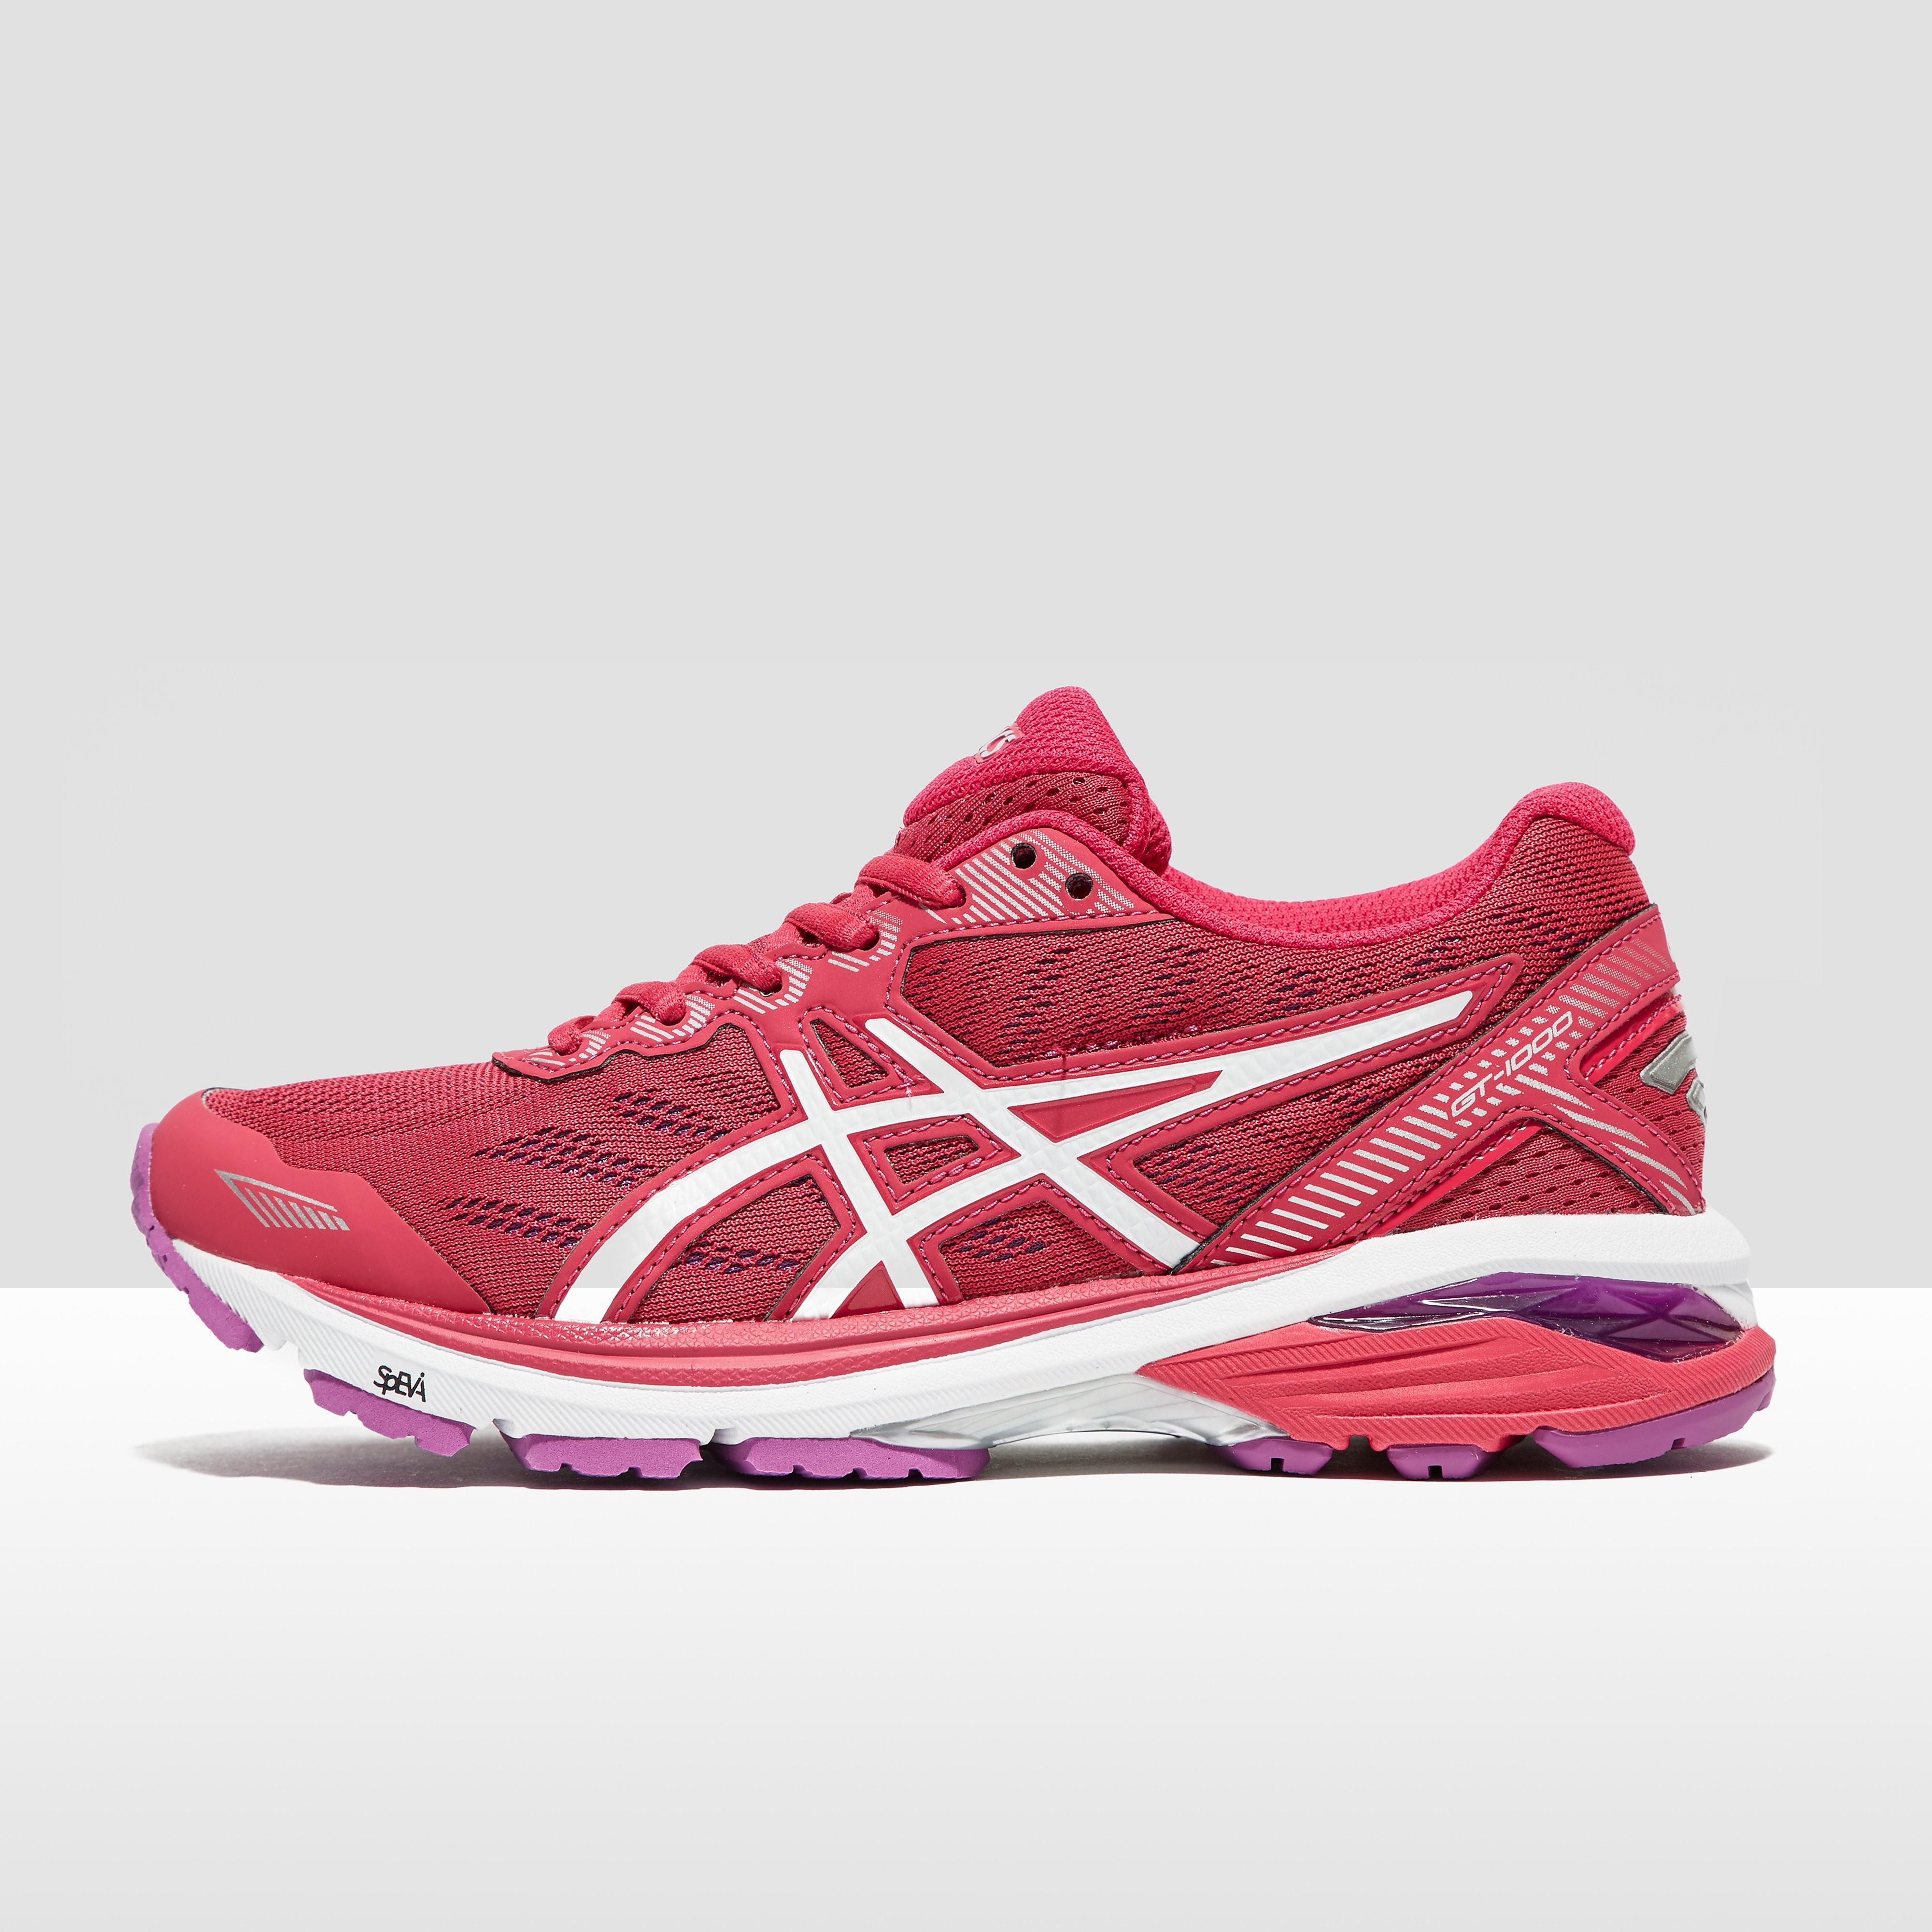 ASICS GT-1000 V5 Women's Running Shoes